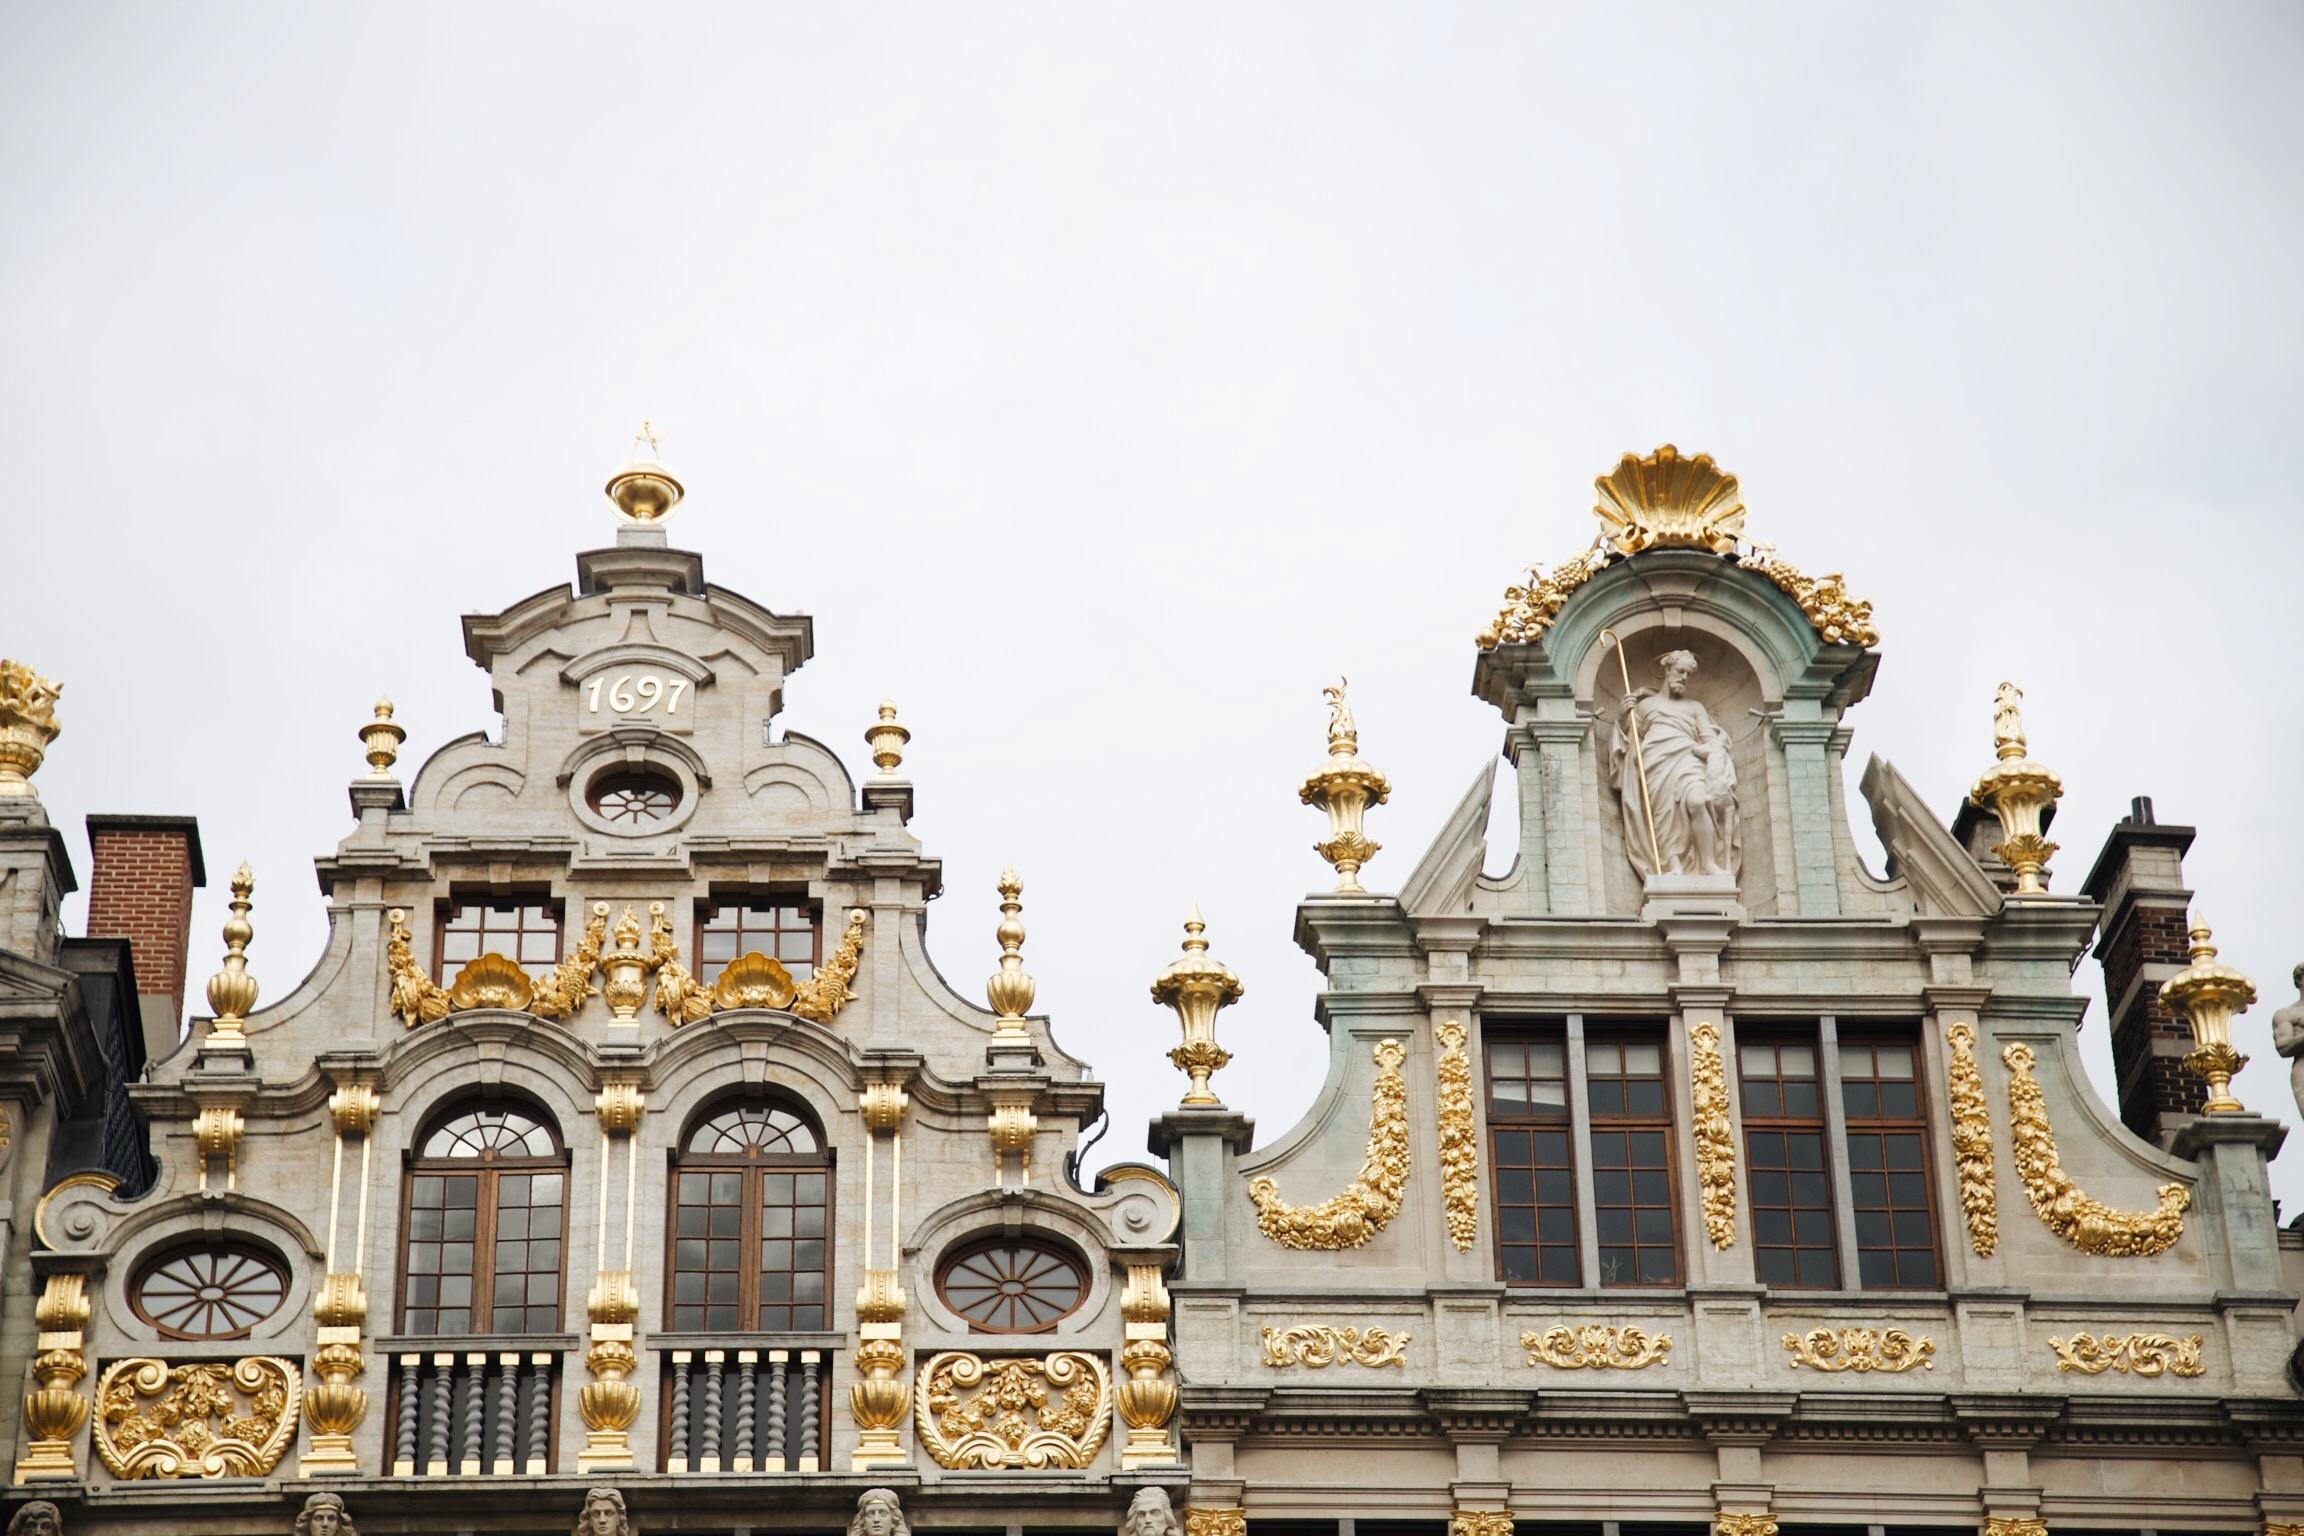 bruxelles-belgique-grand-place.JPG